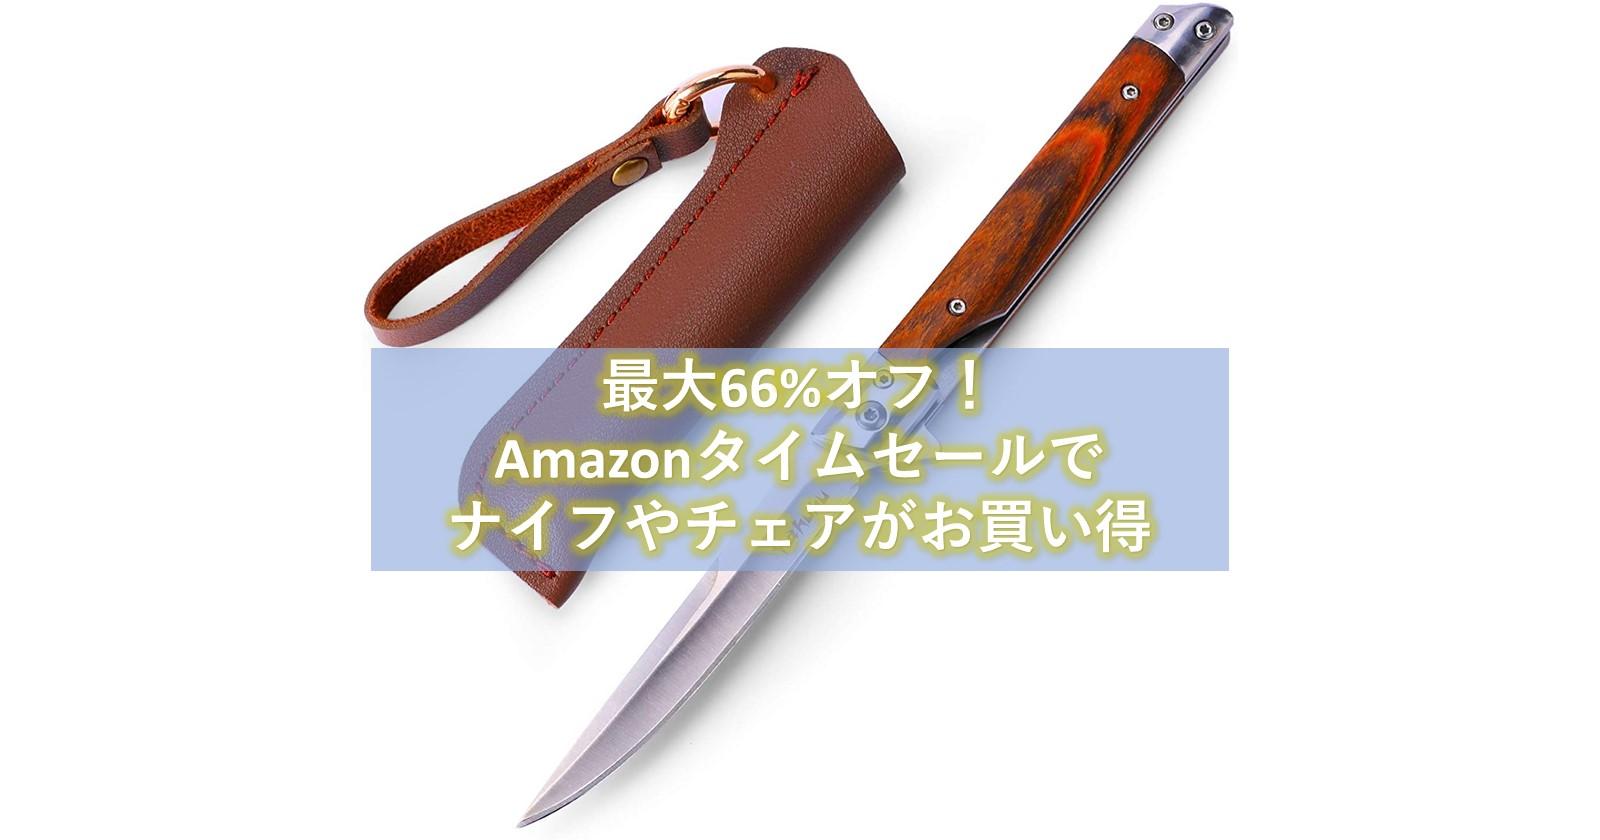 最大66%オフ!Amazonタイムセールで「ナイフ」や「マット」が今ならお買い得!!